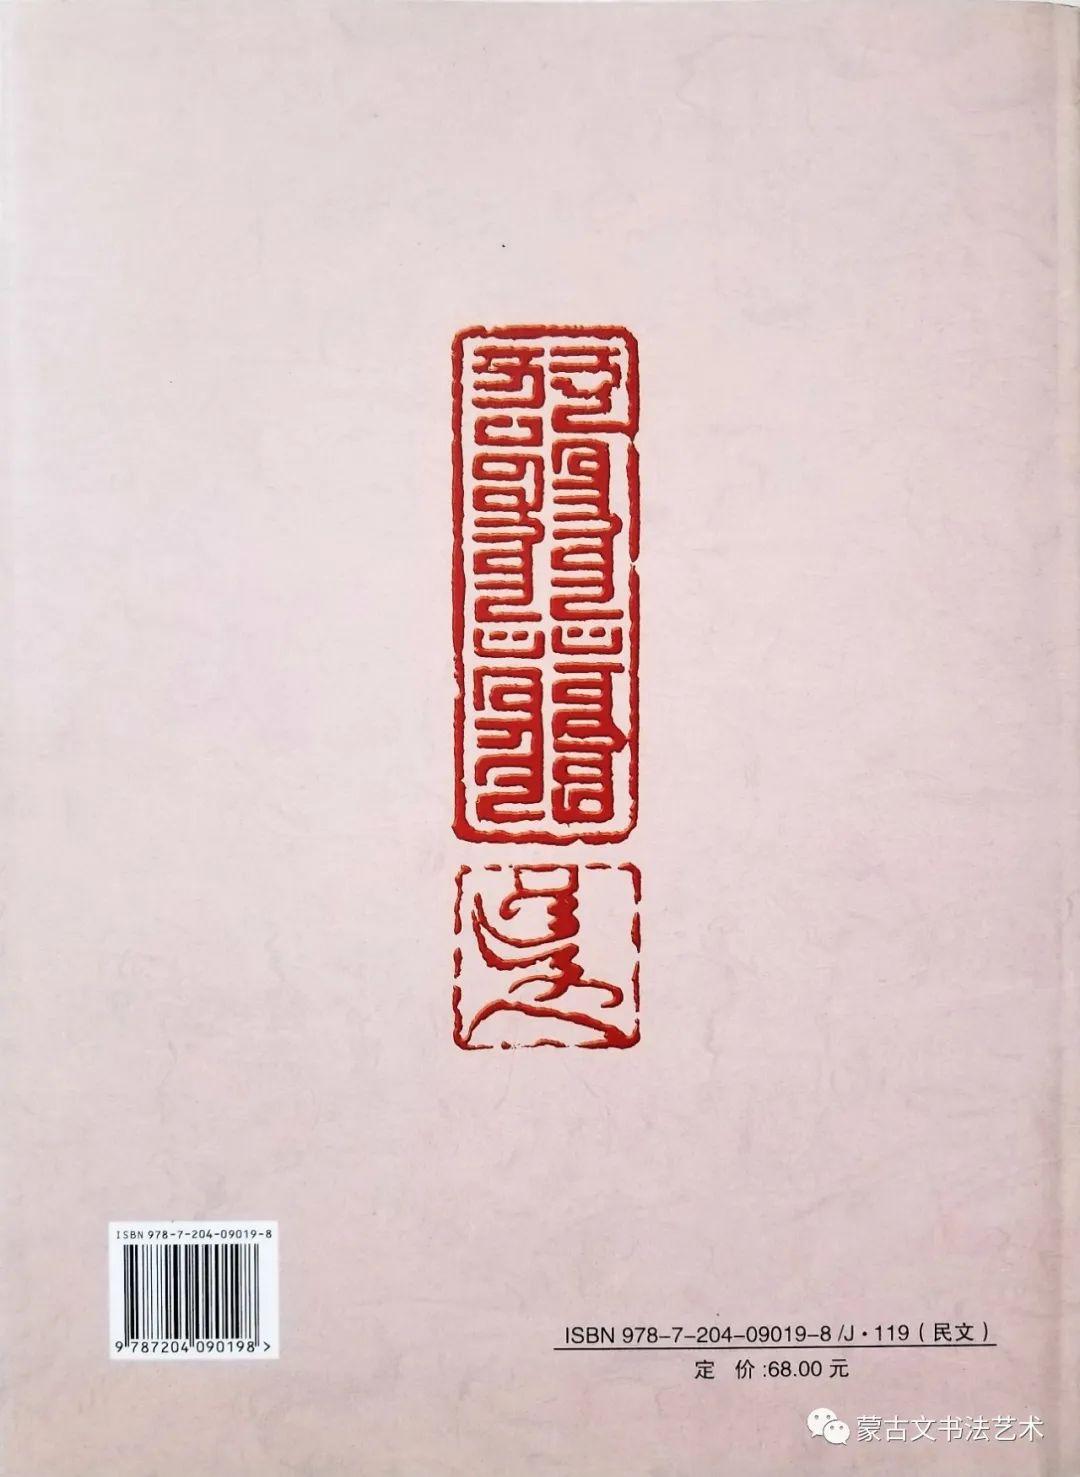 赞得来蒙古文书法集 第3张 赞得来蒙古文书法集 蒙古书法